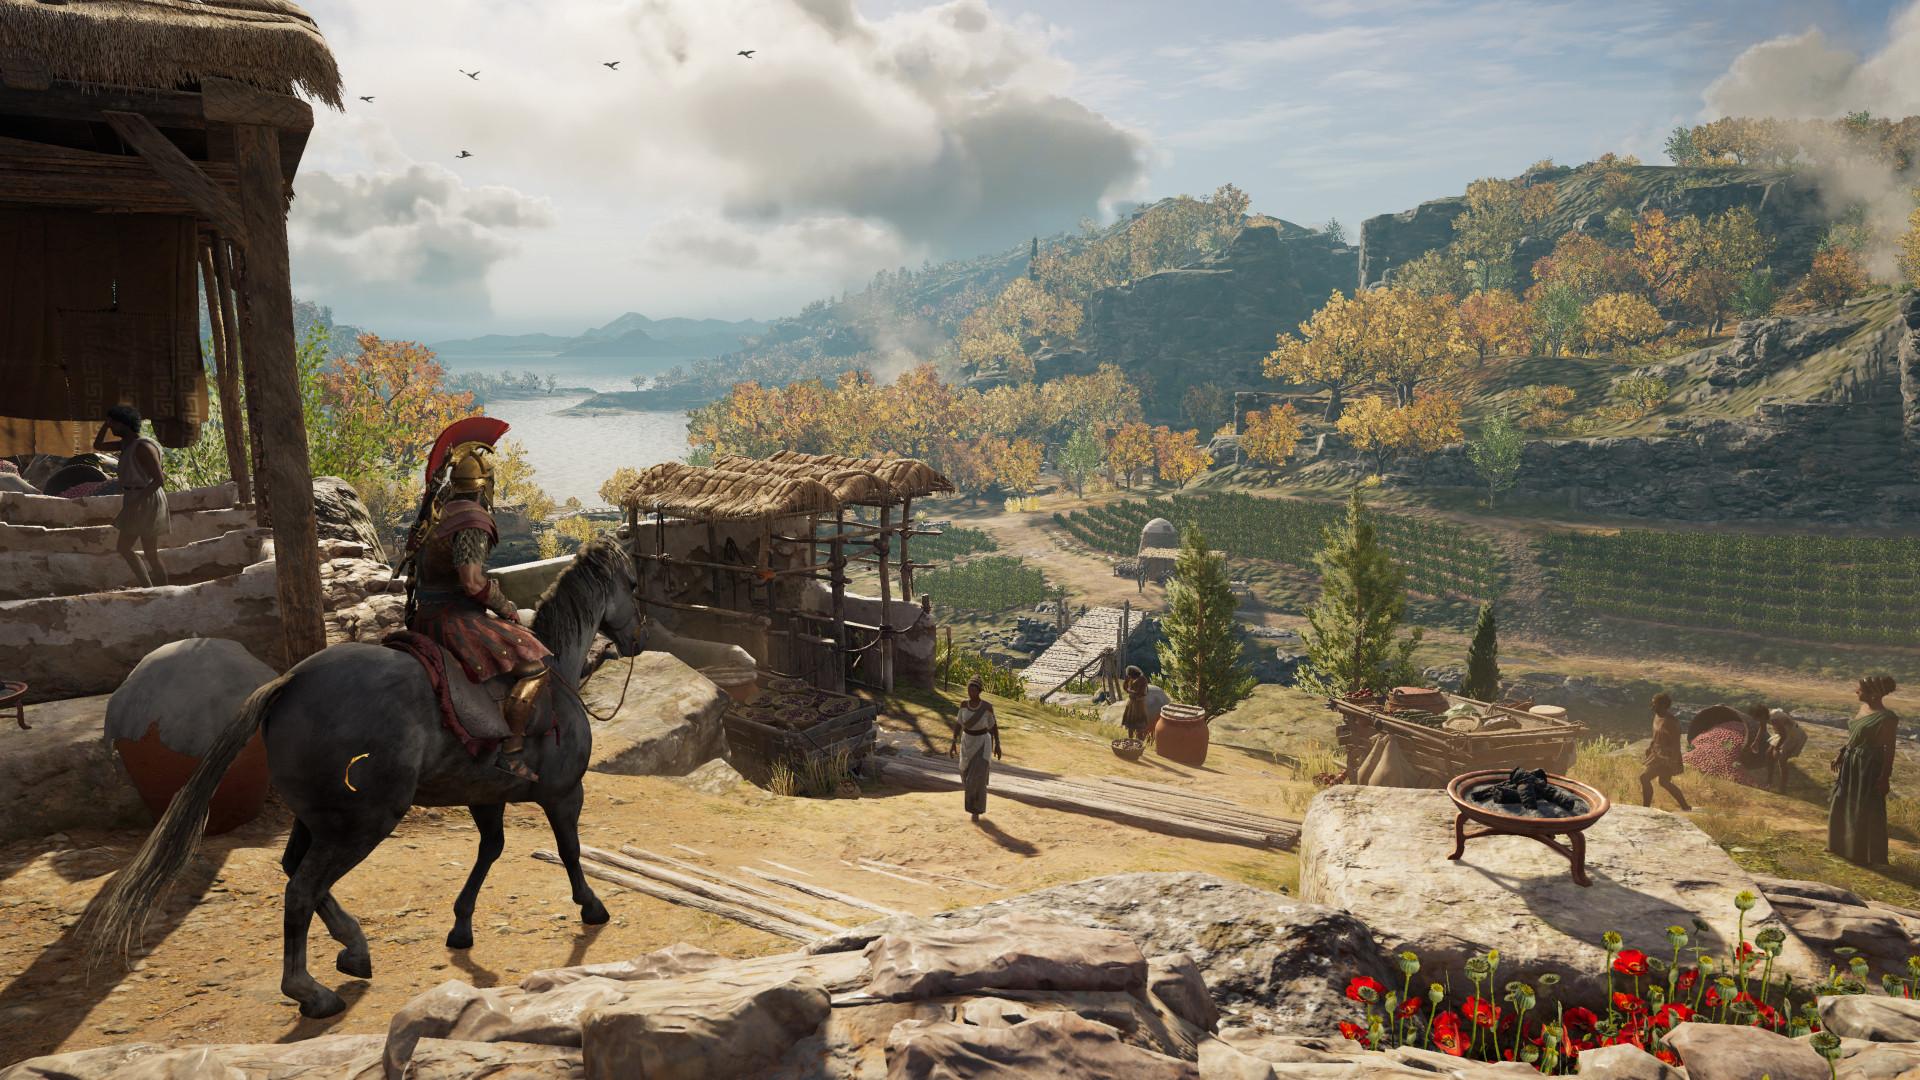 В Assassin's Creed Odyssey будет режим, в котором игрокам предстоит искать цели заданий по подсказкам